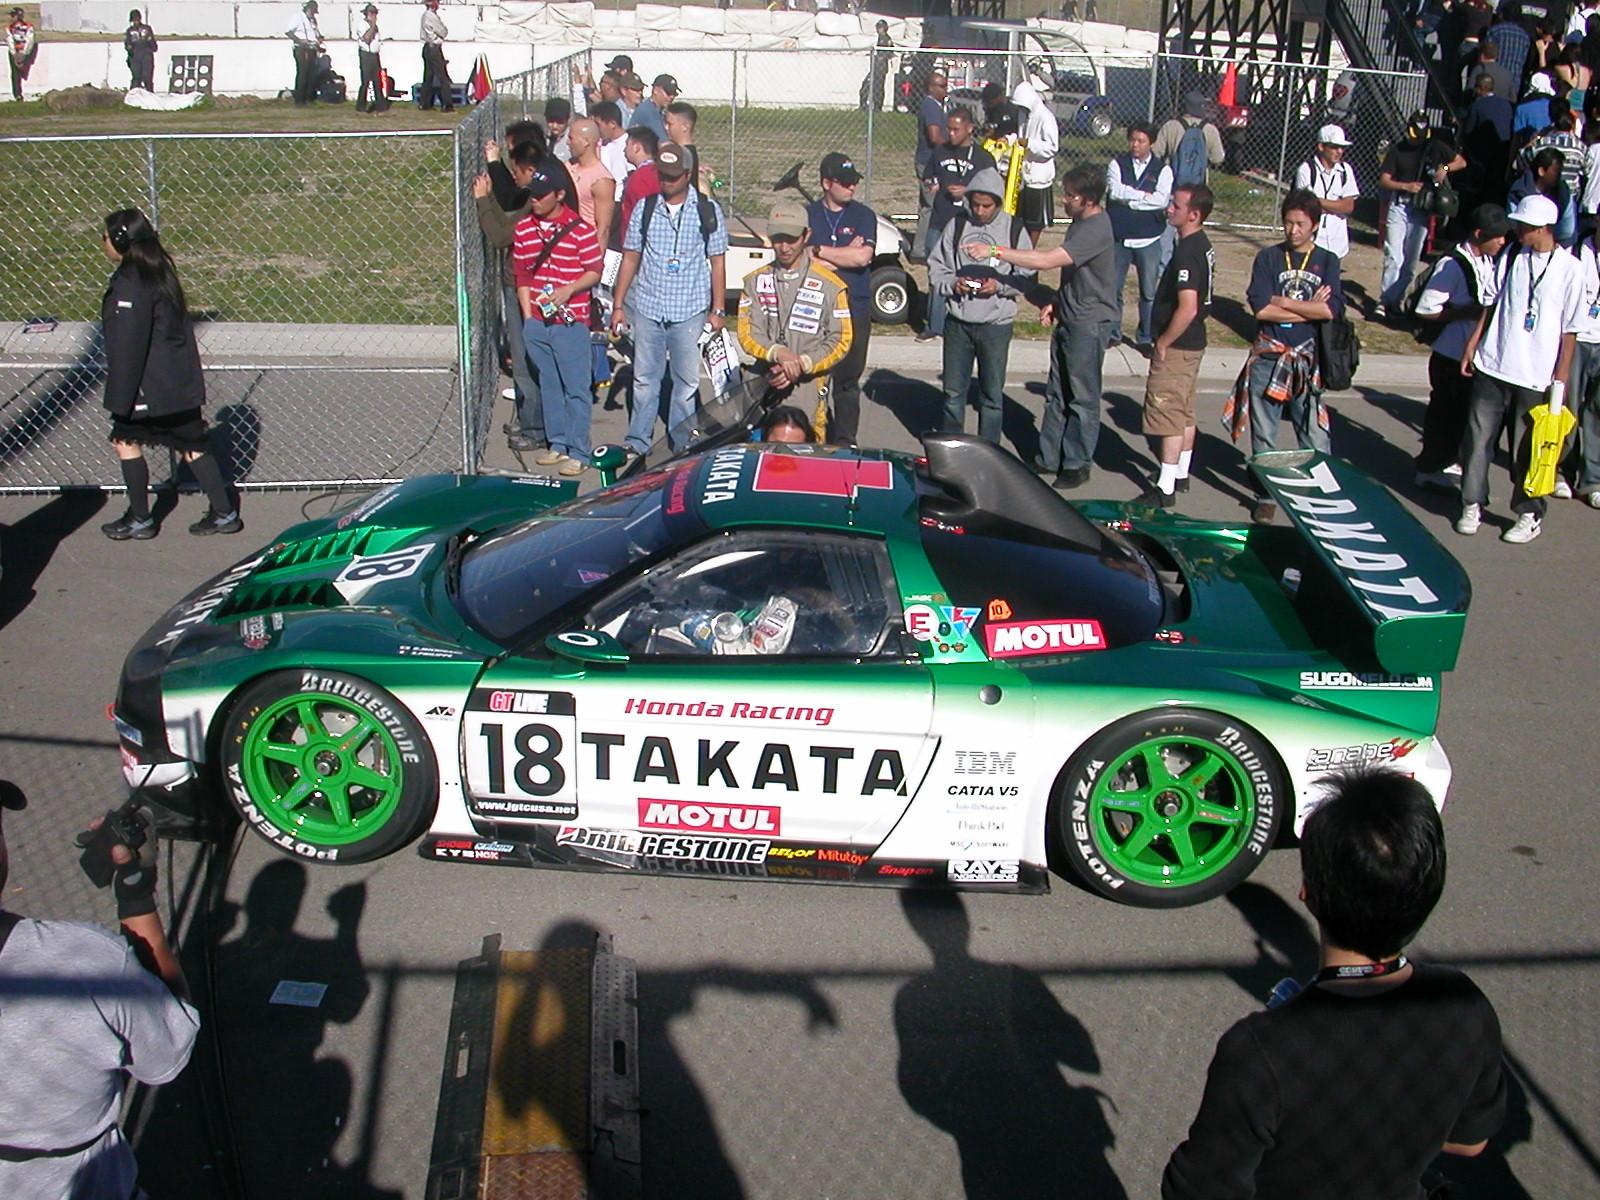 Jgtc 2004 Takata Nsx